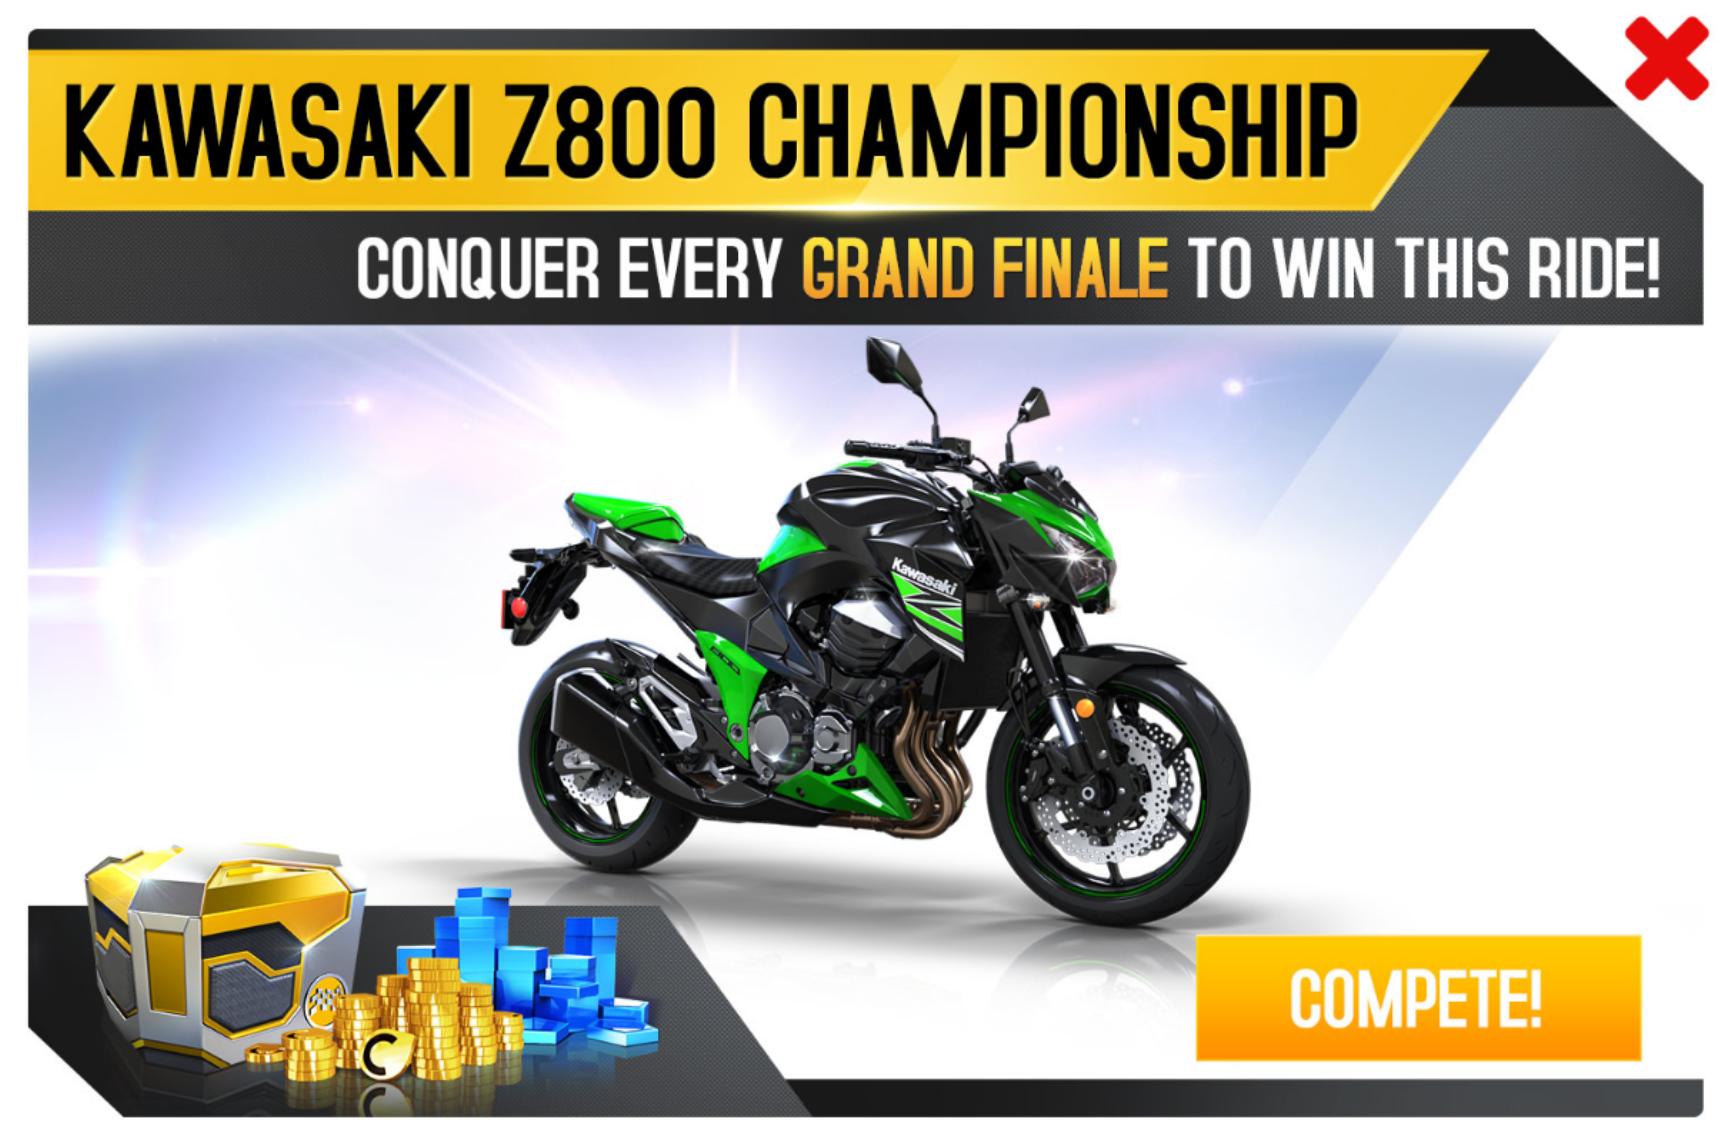 Main Article Championship Kawasaki Z800